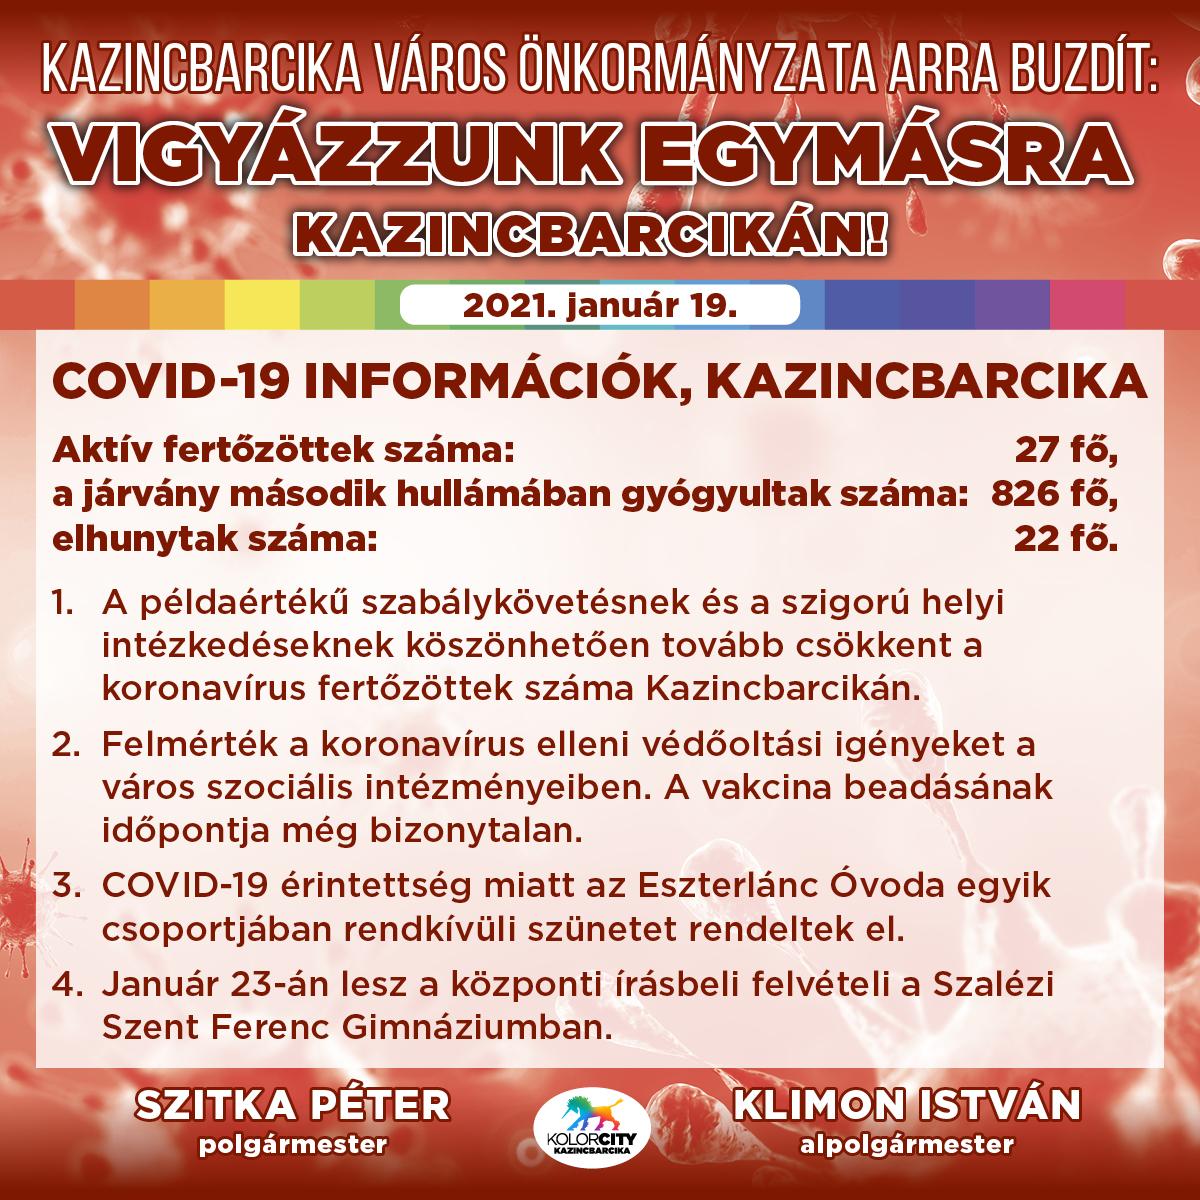 https://kolorline.hu/Vigyázzunk egymásra Kazincbarcikán! – 2021. január 19.